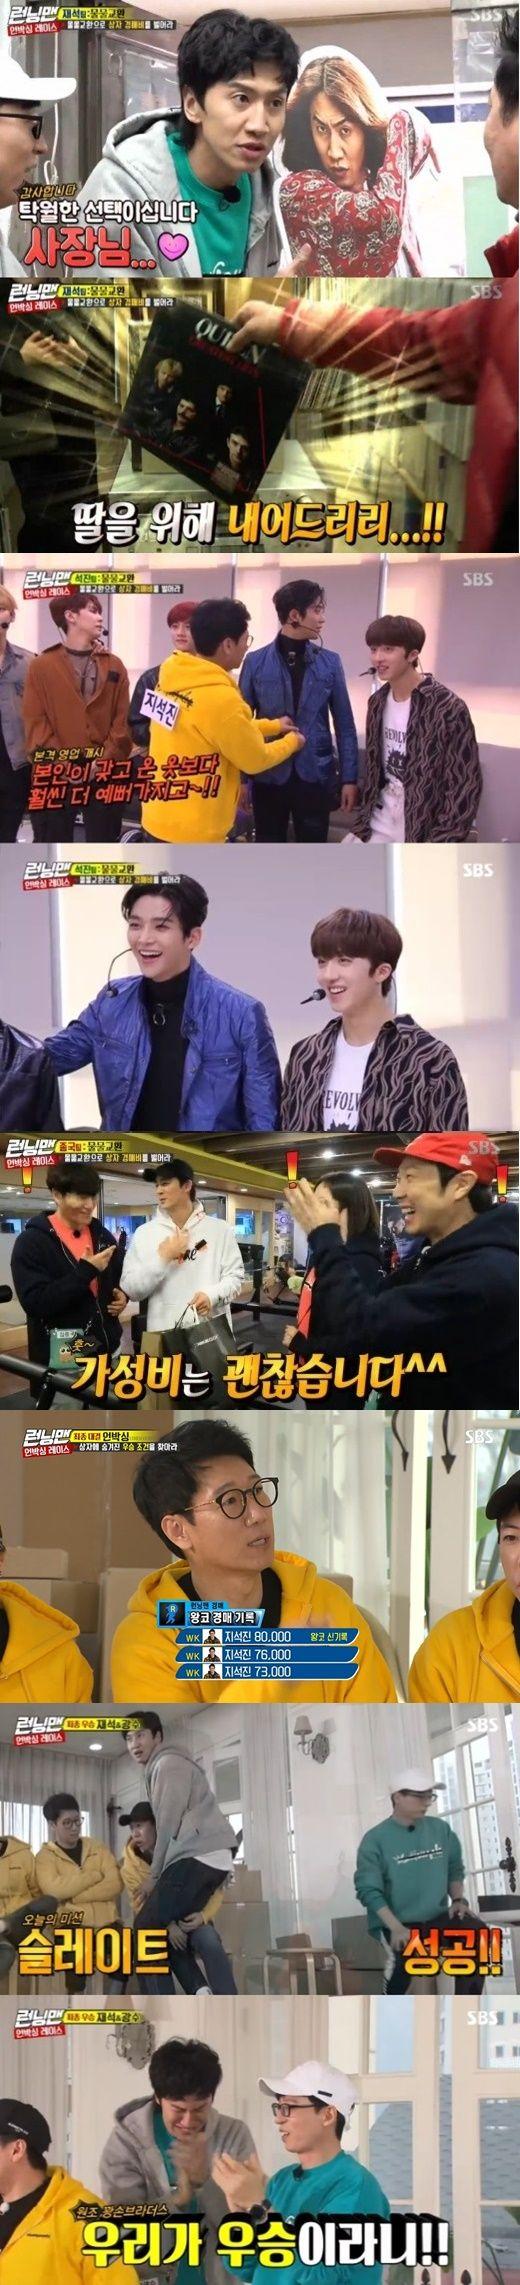 '런닝맨', 올해 최고 시청률 경신…동시간대 예능 시청률 1위까지